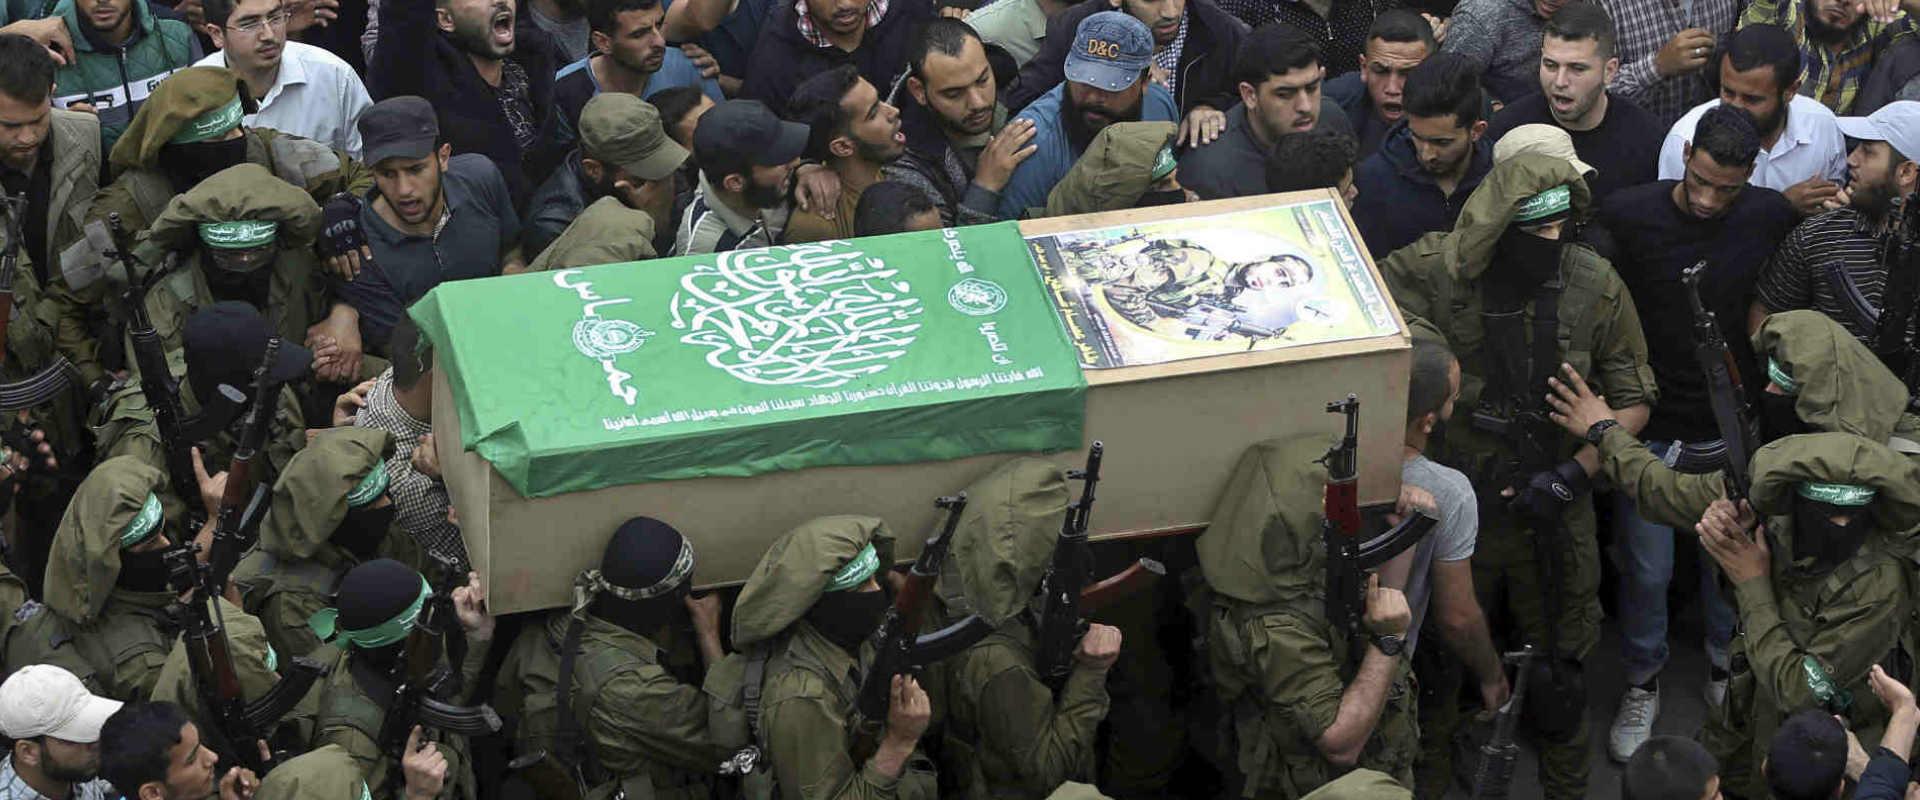 הלווייה של פעילי חמאס